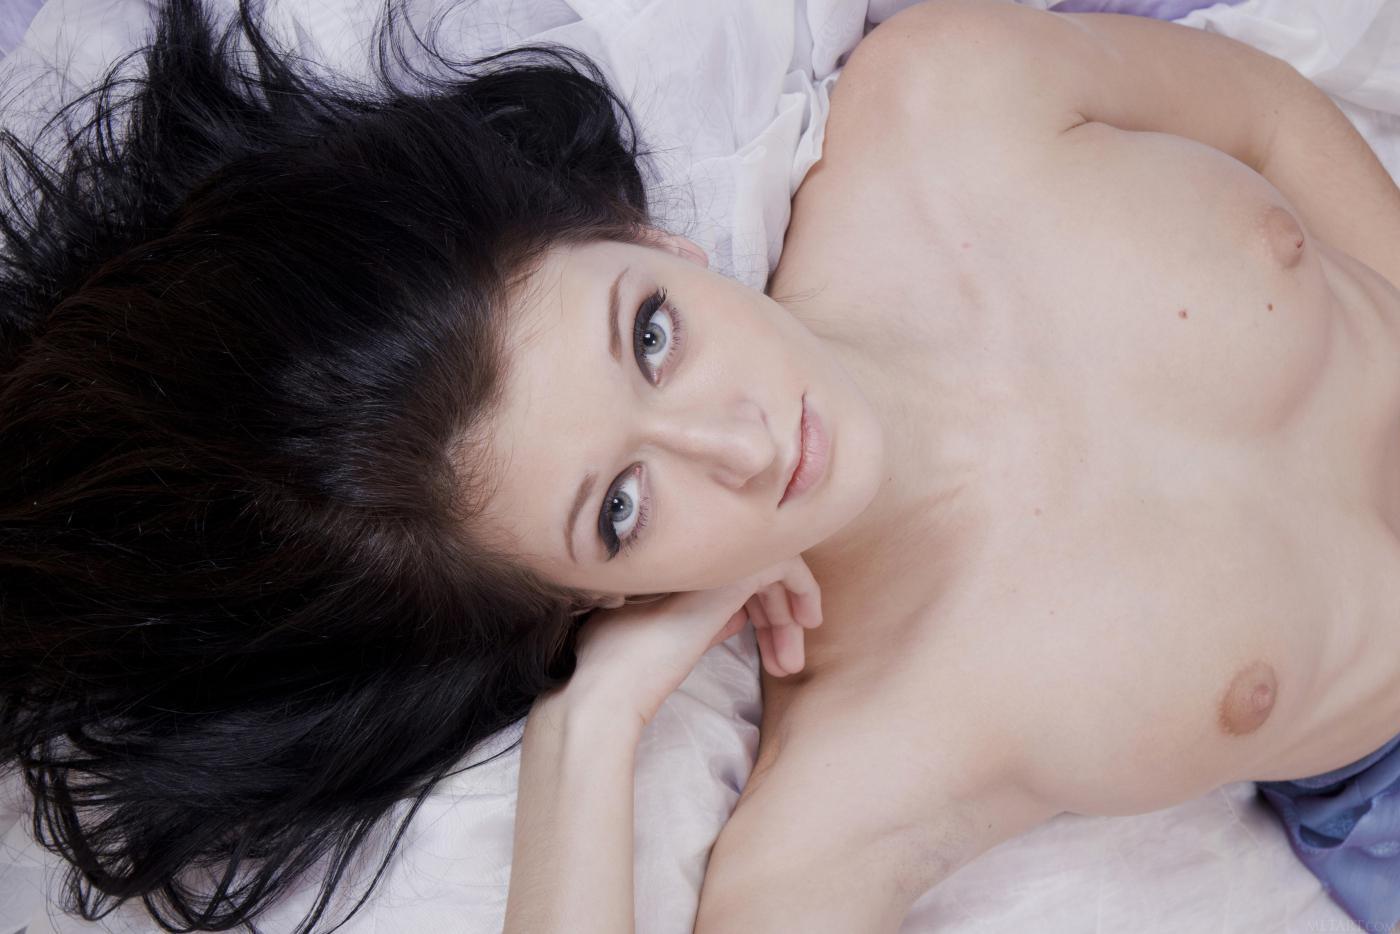 Брюнетка-подросток Alsu Femjoy снимает сексуальное белье на кровати и показывает свою бритую киску